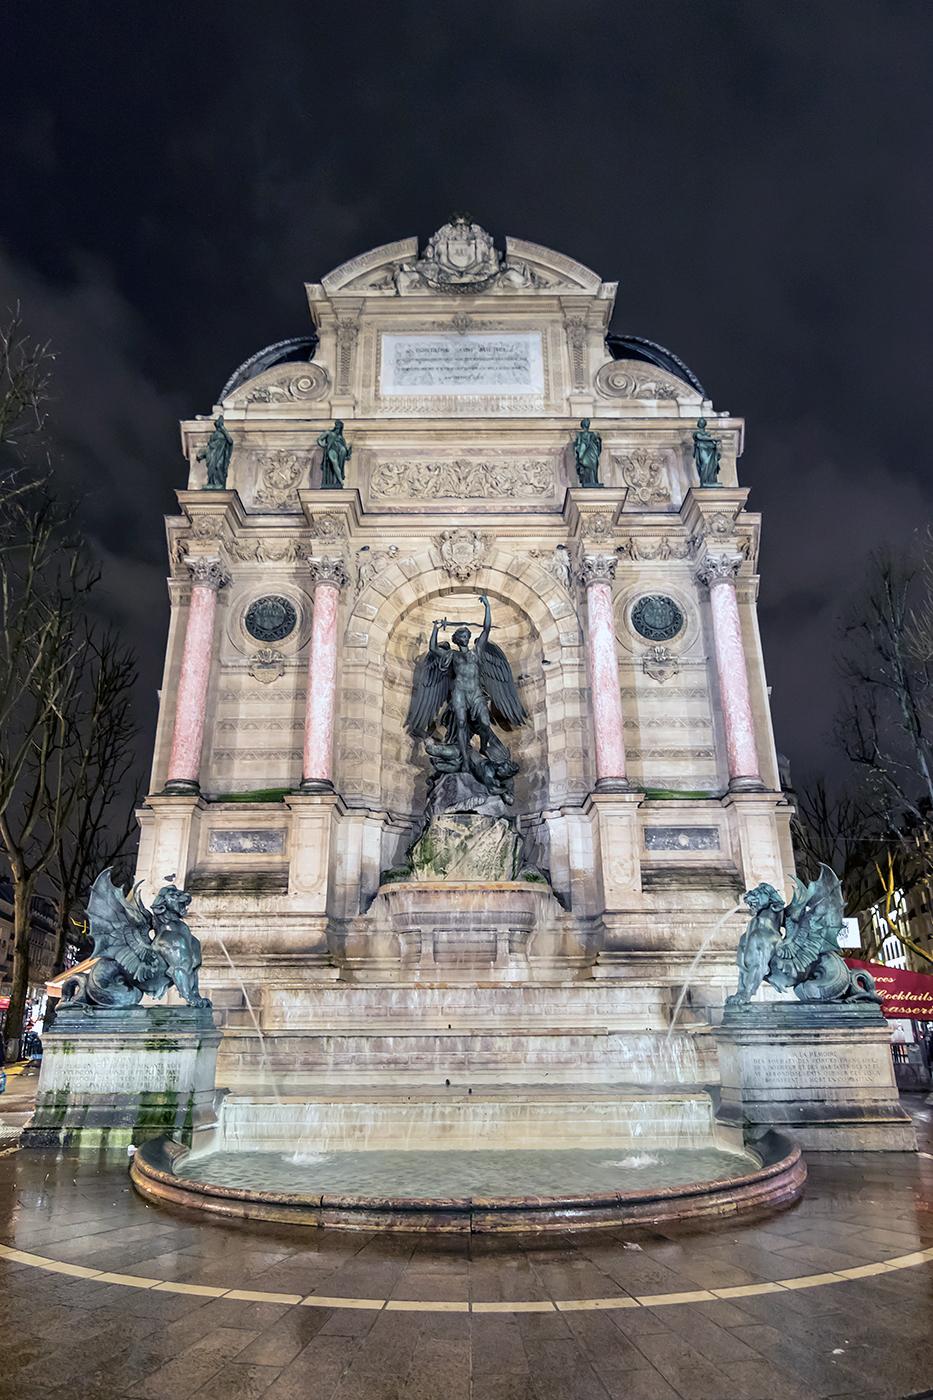 The-Fontaine-Saint-Michel